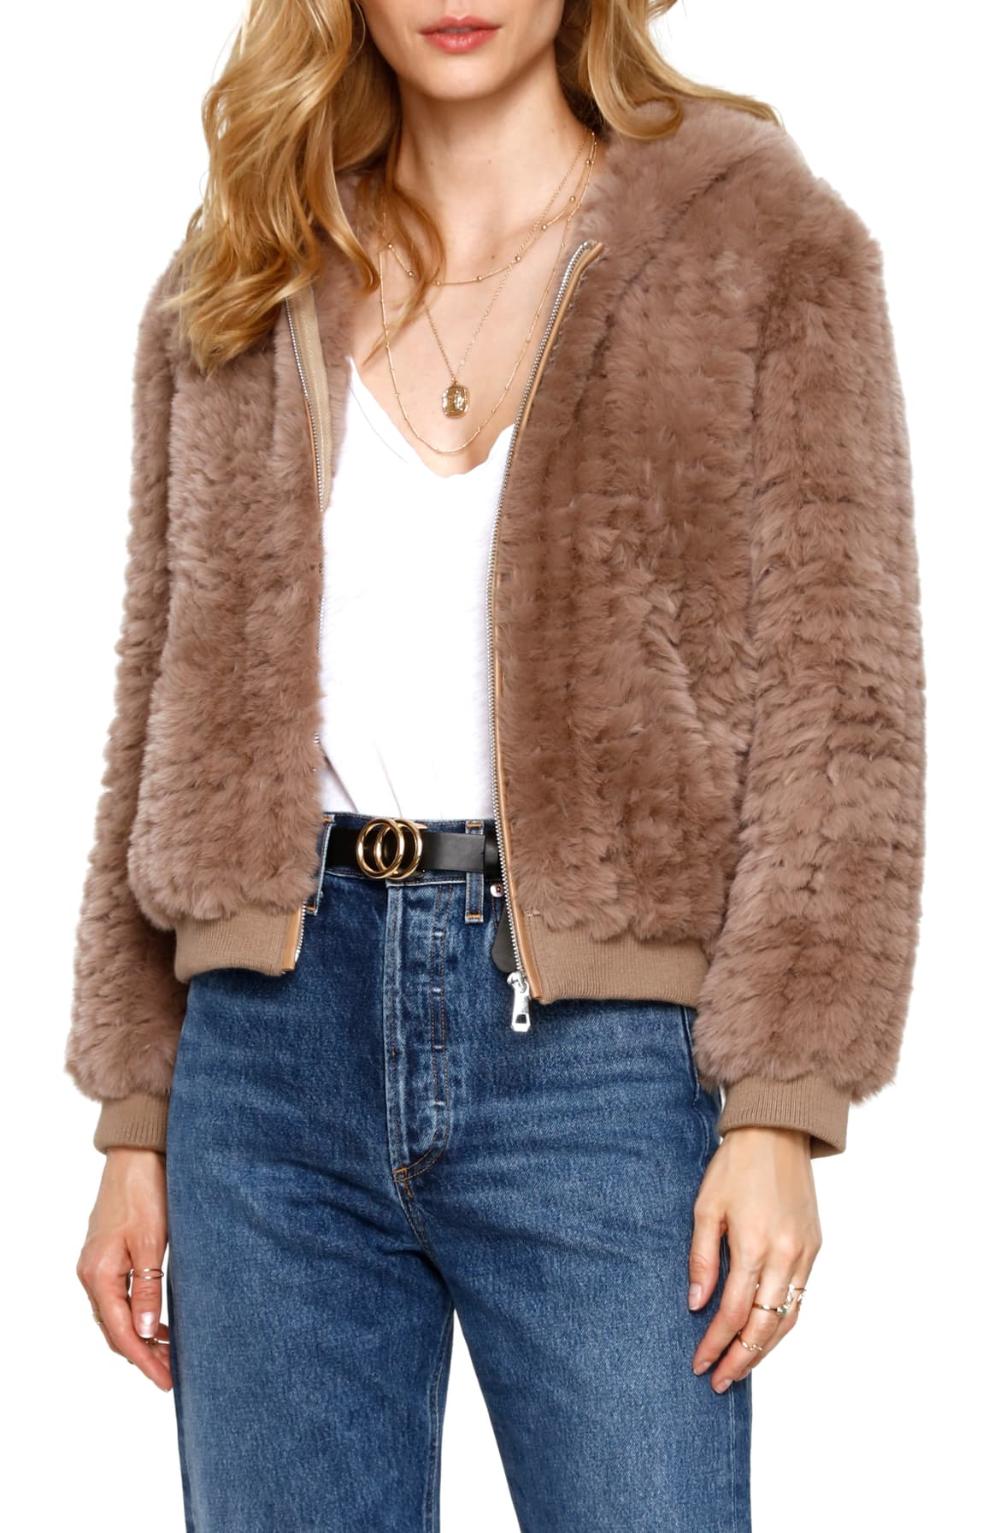 Heartloom Peri Faux Fur Jacket Nordstrom in 2020 Faux